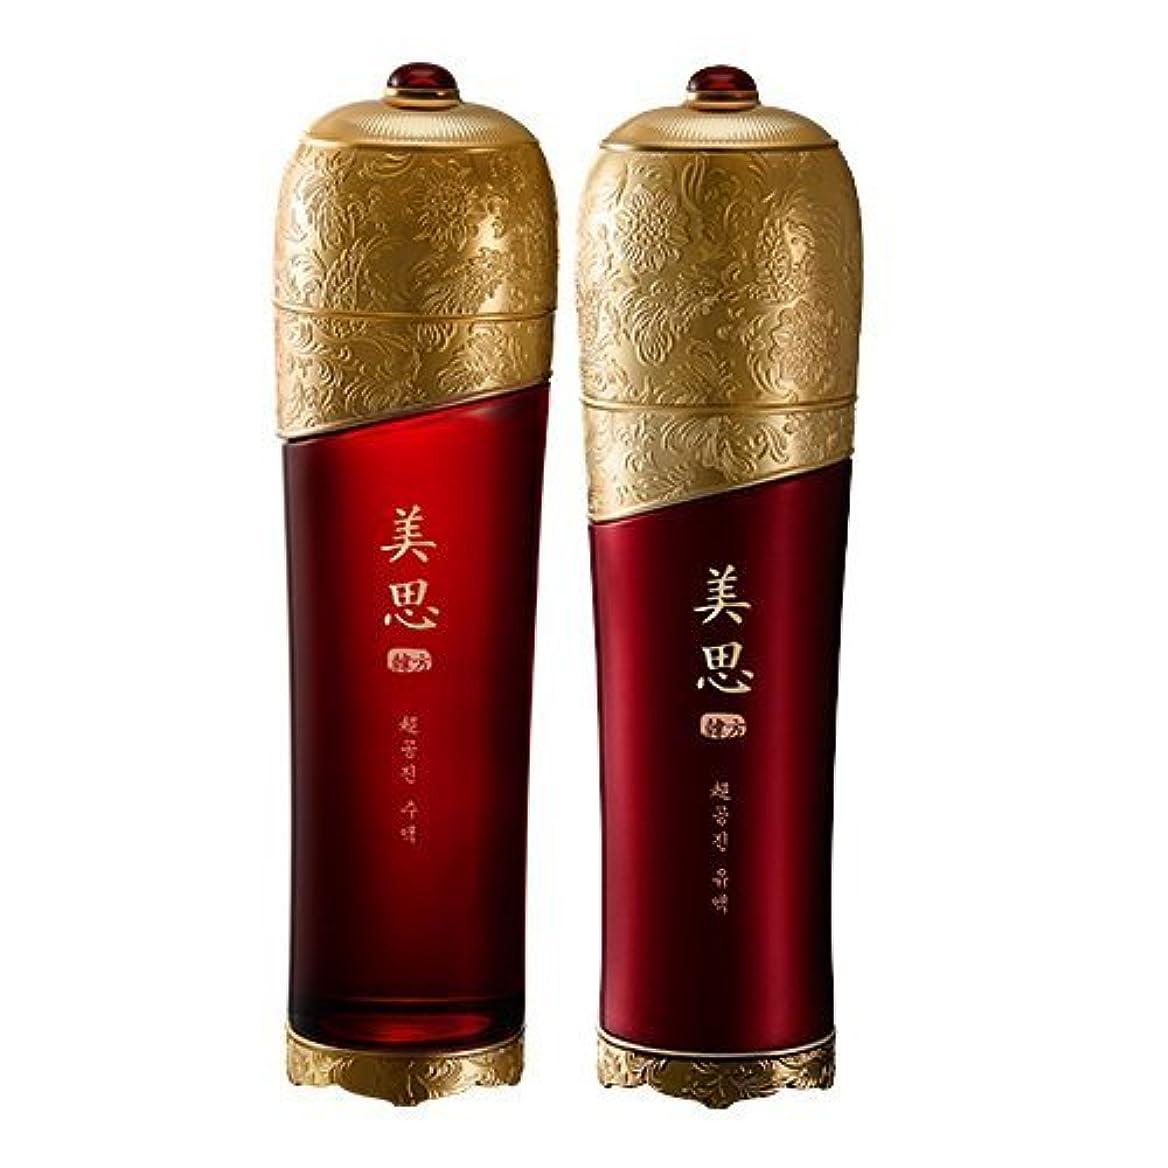 意識的衝突しみMISSHA(ミシャ) 美思 韓方 チョゴンジン 基礎化粧品 スキンケア 化粧水+乳液=お得2種Set